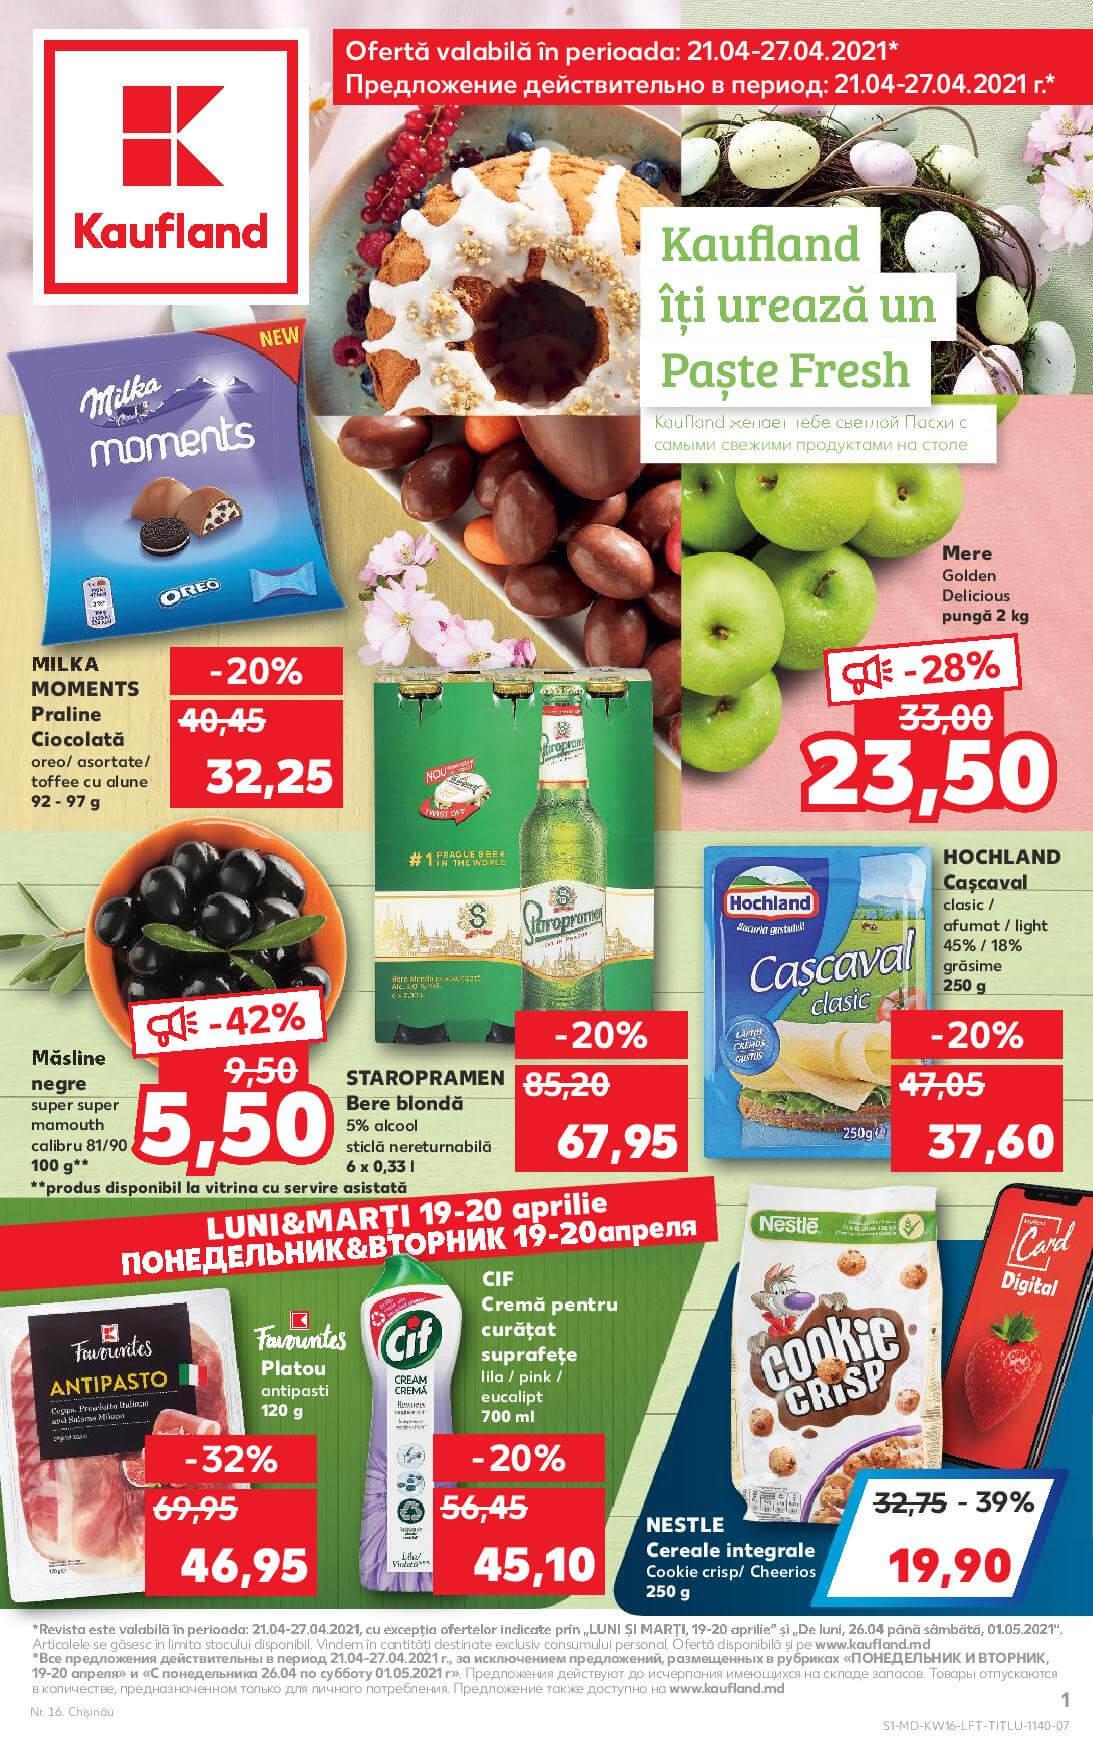 Kaufland - Paște Fresh să aveți